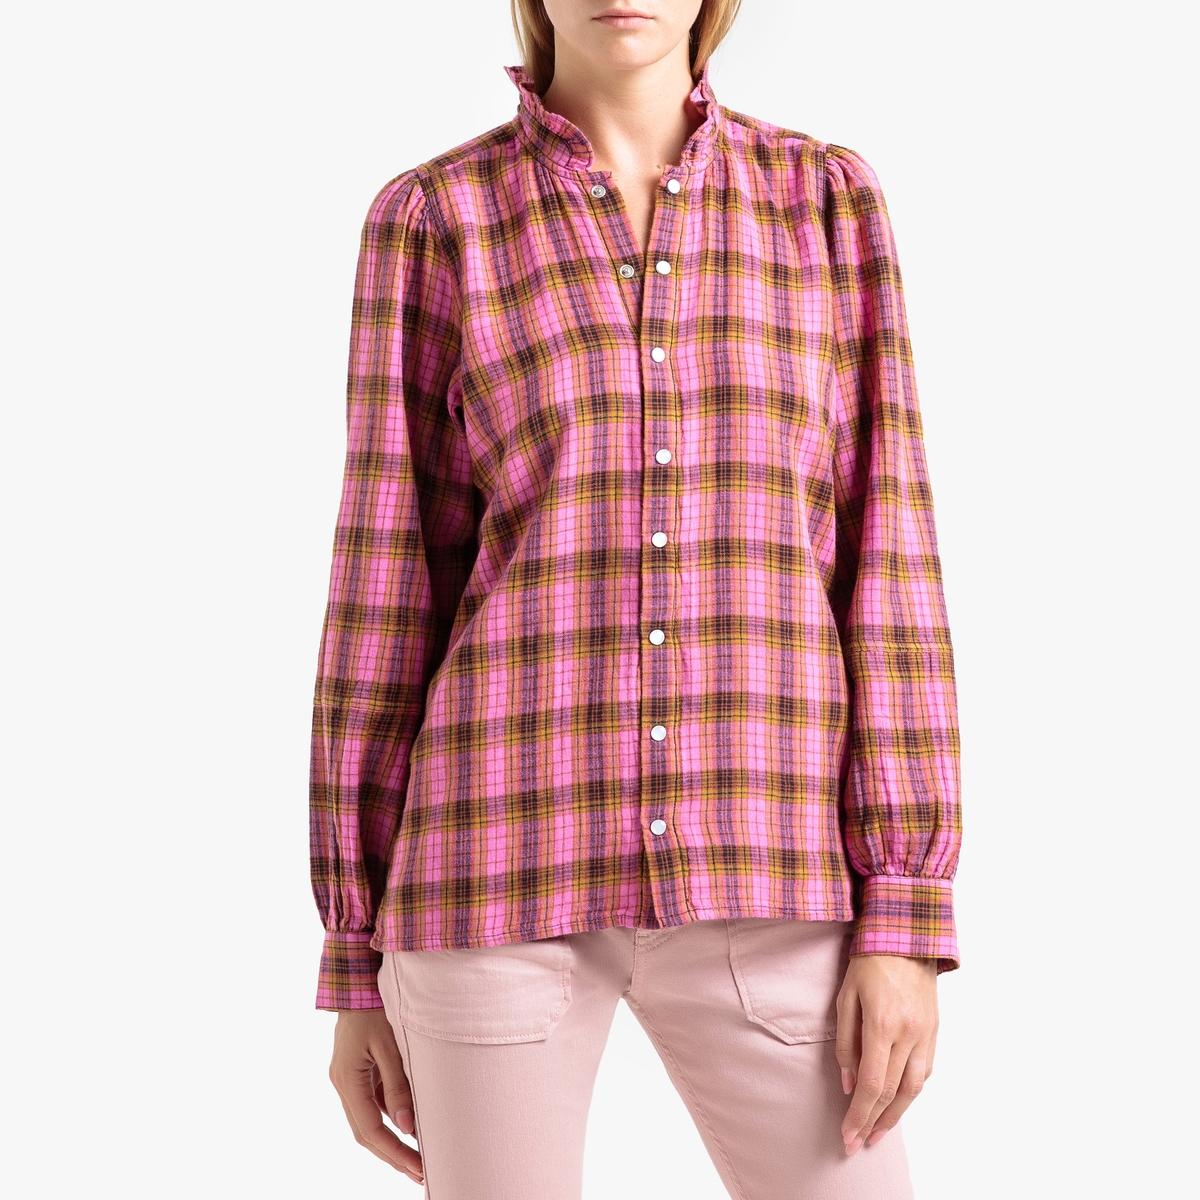 купить Блузка La Redoute С рисунком в клетку и воротником с воланом CANELLE 0(XS) розовый онлайн